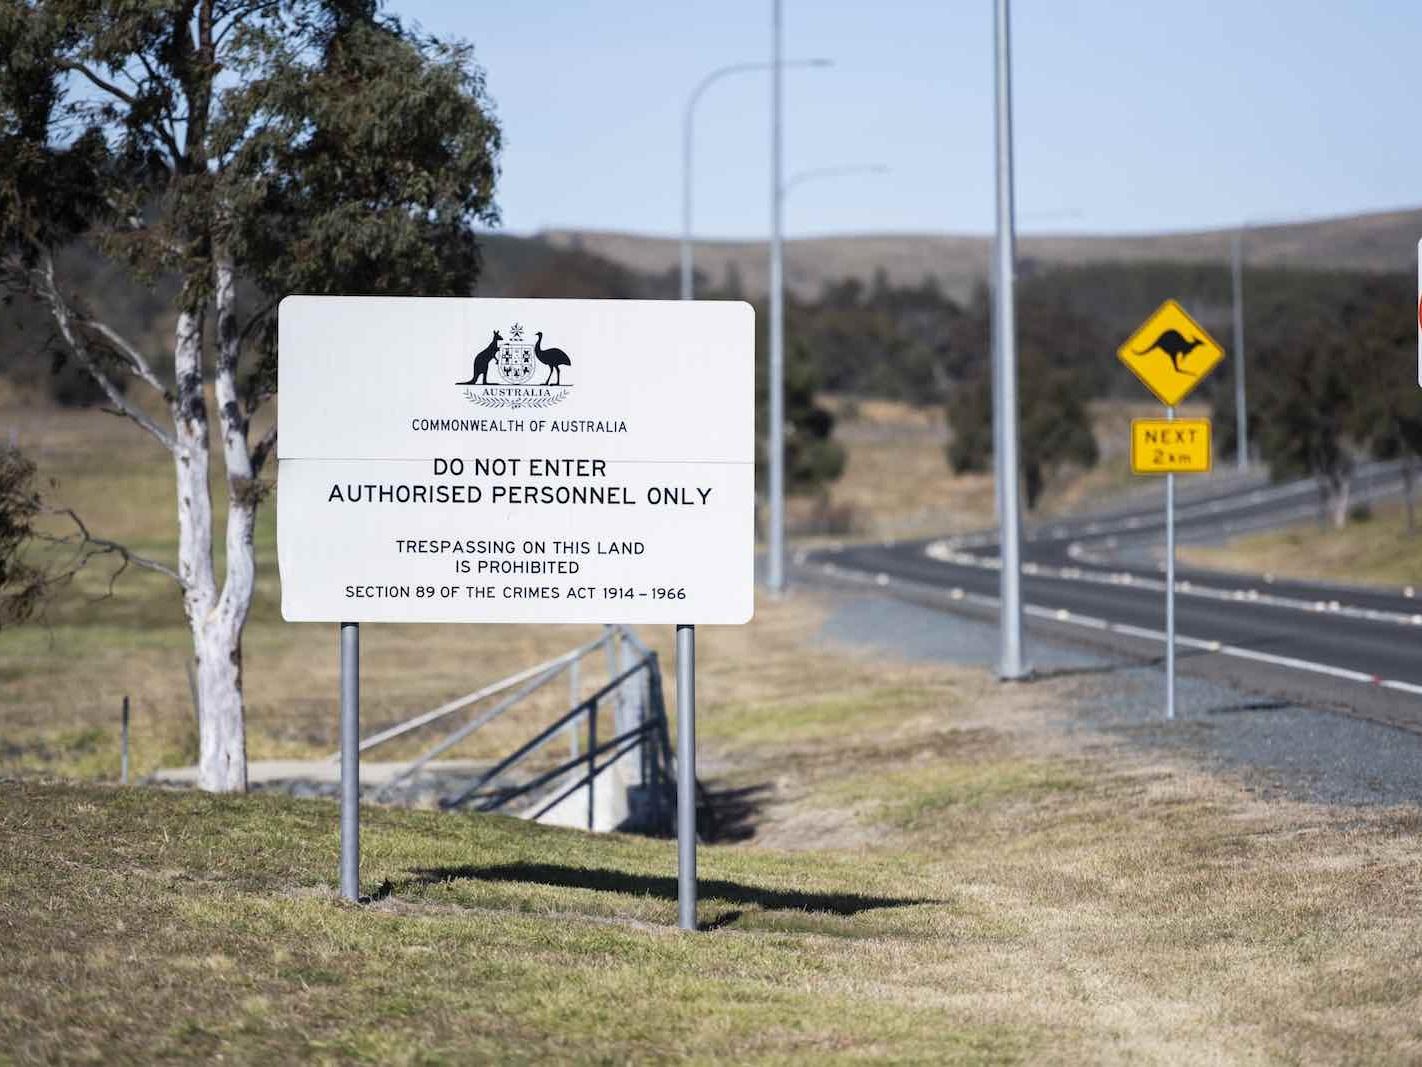 玩火自焚:澳大利亚加入导弹竞赛